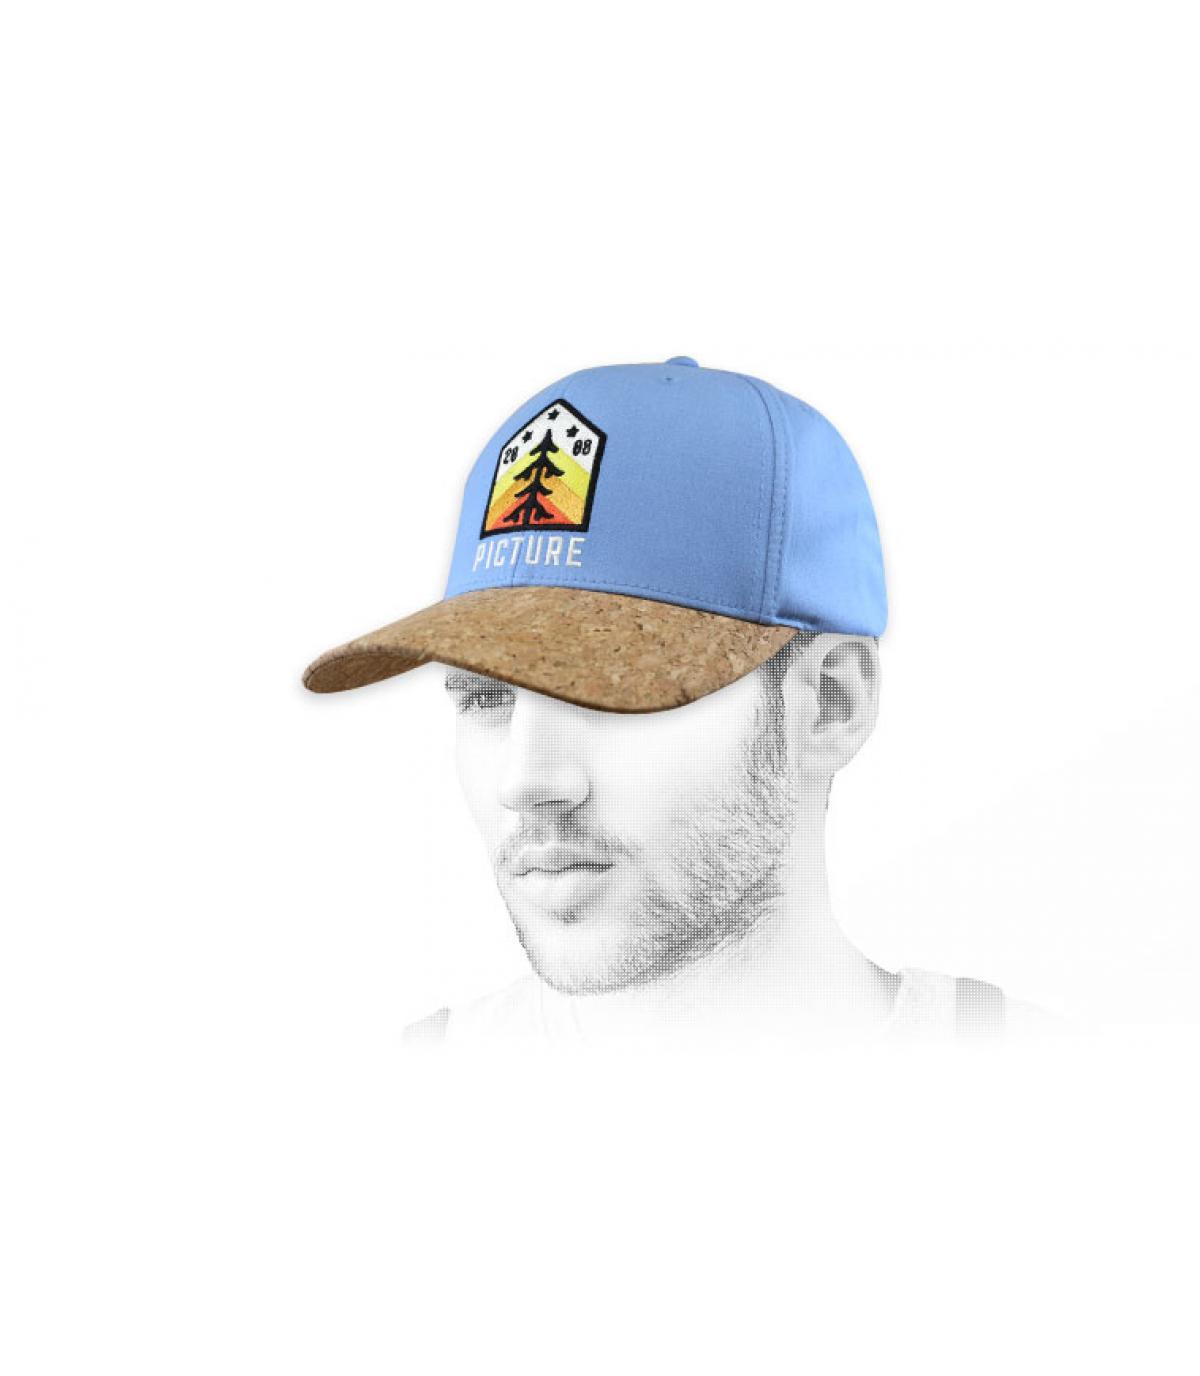 Picture cap blue patch